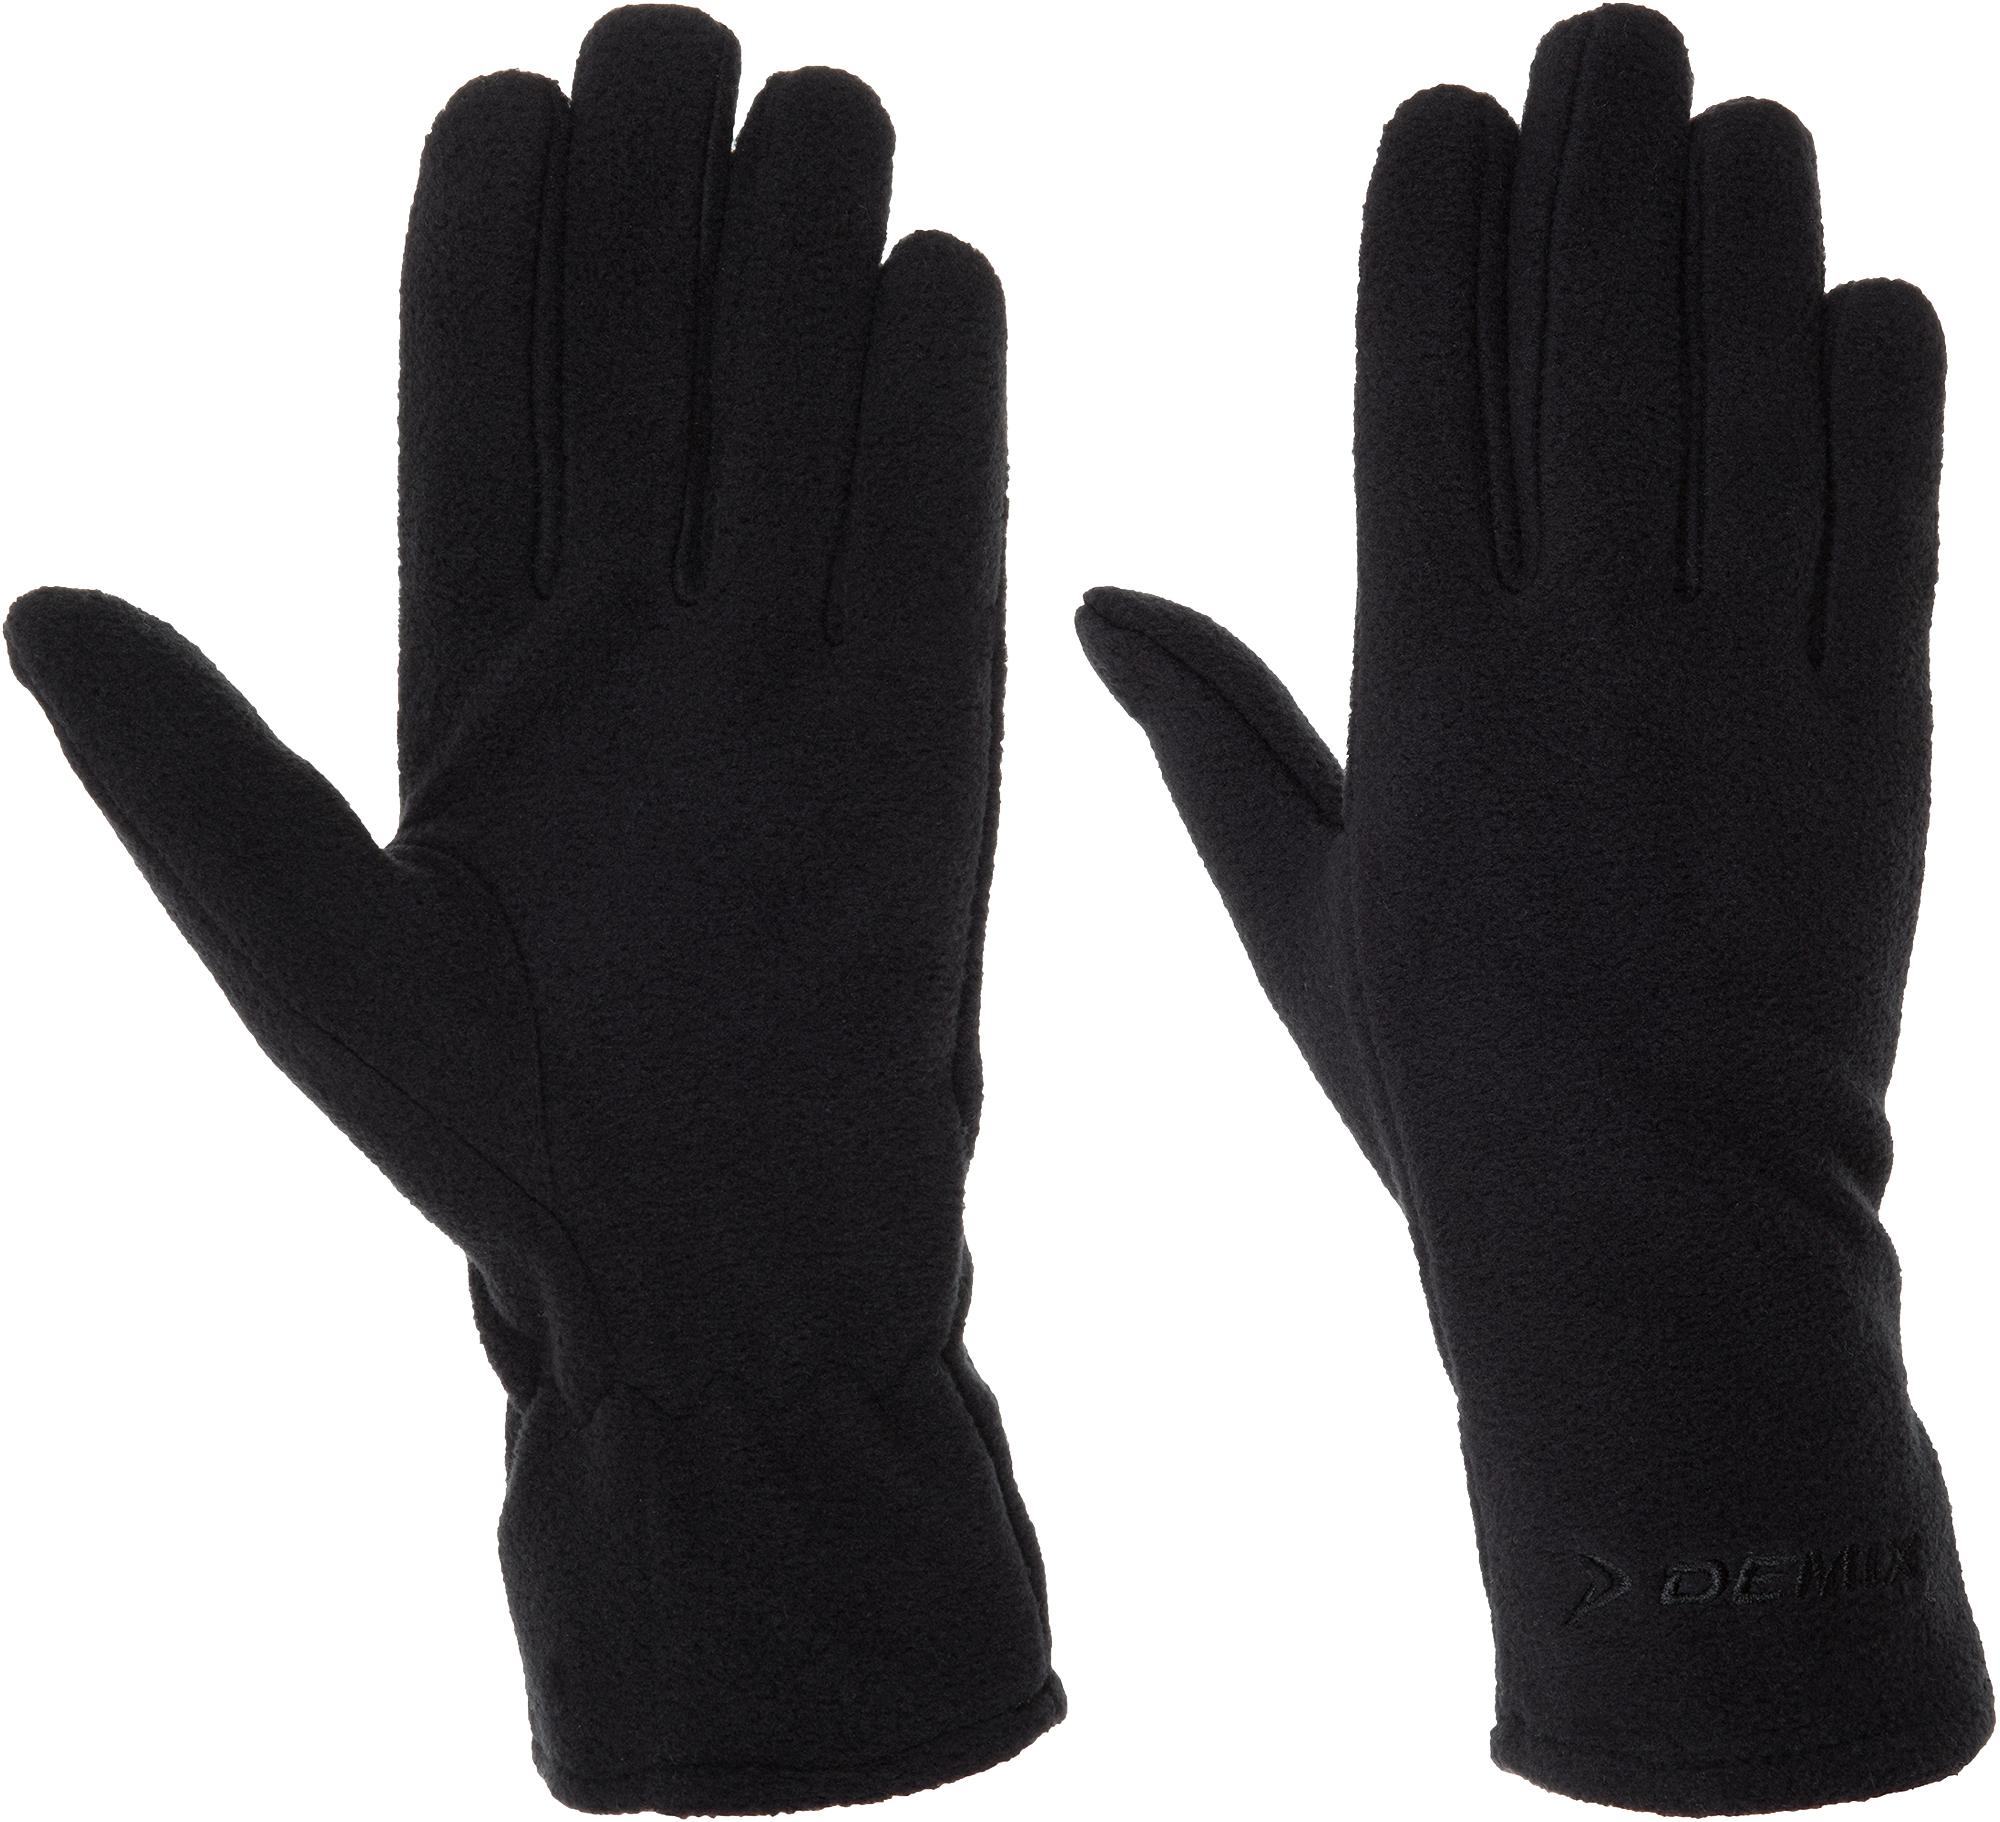 Demix Перчатки Demix, размер 8 demix перчатки вратарские demix размер 11